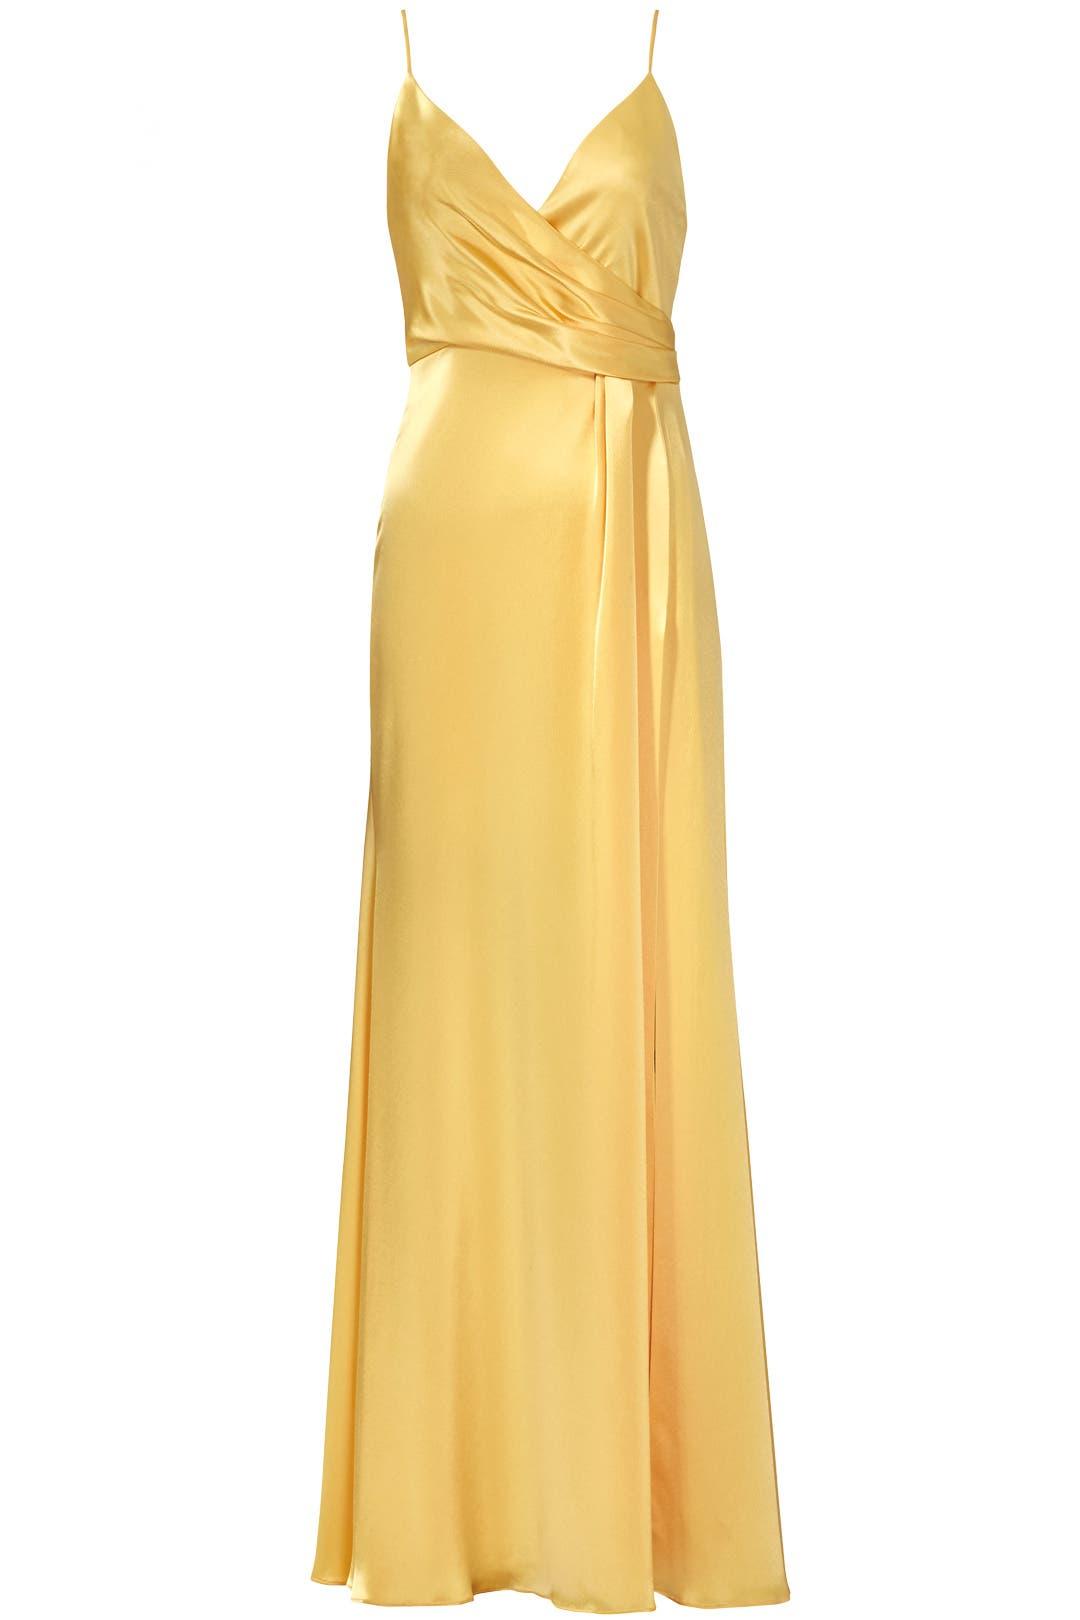 Buttercup Satin Gown by Jill Jill Stuart for $102 | Rent the Runway